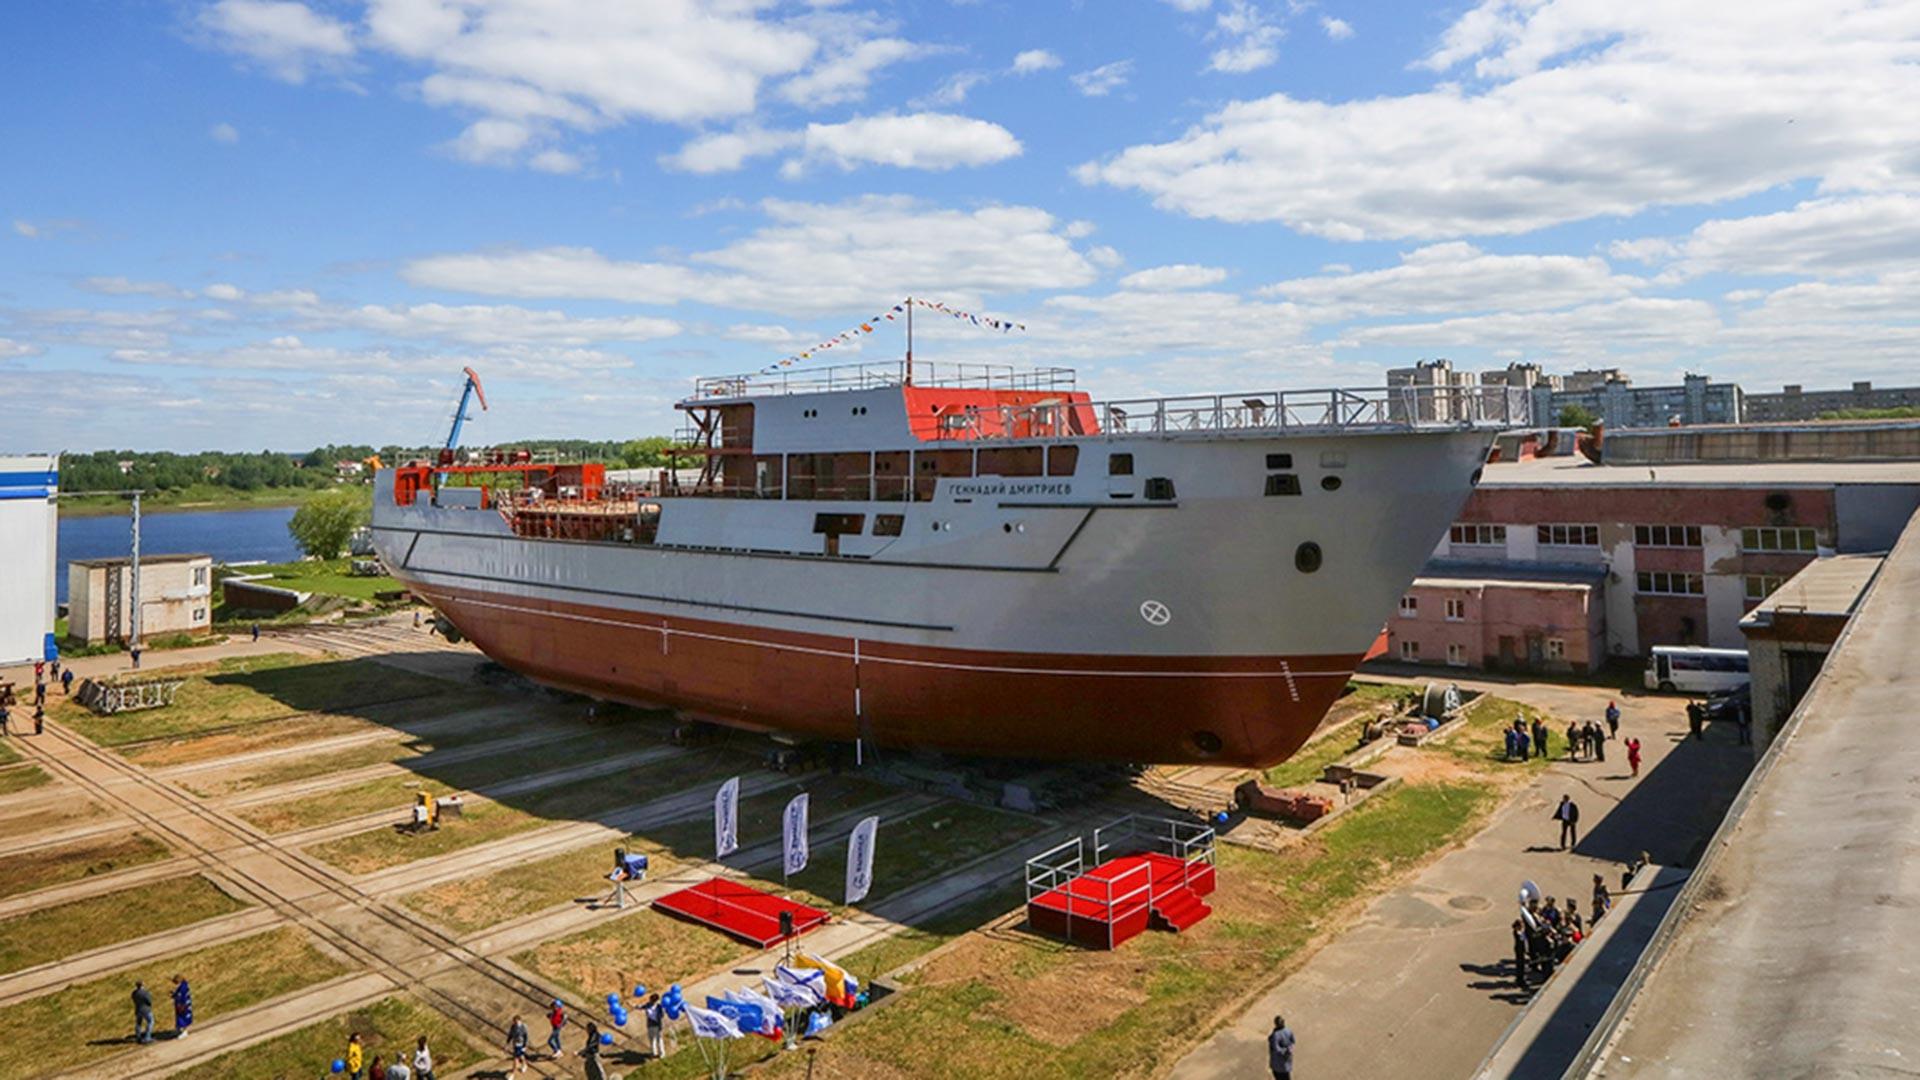 V ladjedelnici Vimpel je 1. junija potekala slovesnost splavljenja Gennadija Dmitrijeva, ladje projekta 20360M in največjega plovila, kar so ga doslej zgradili v Vimplu.